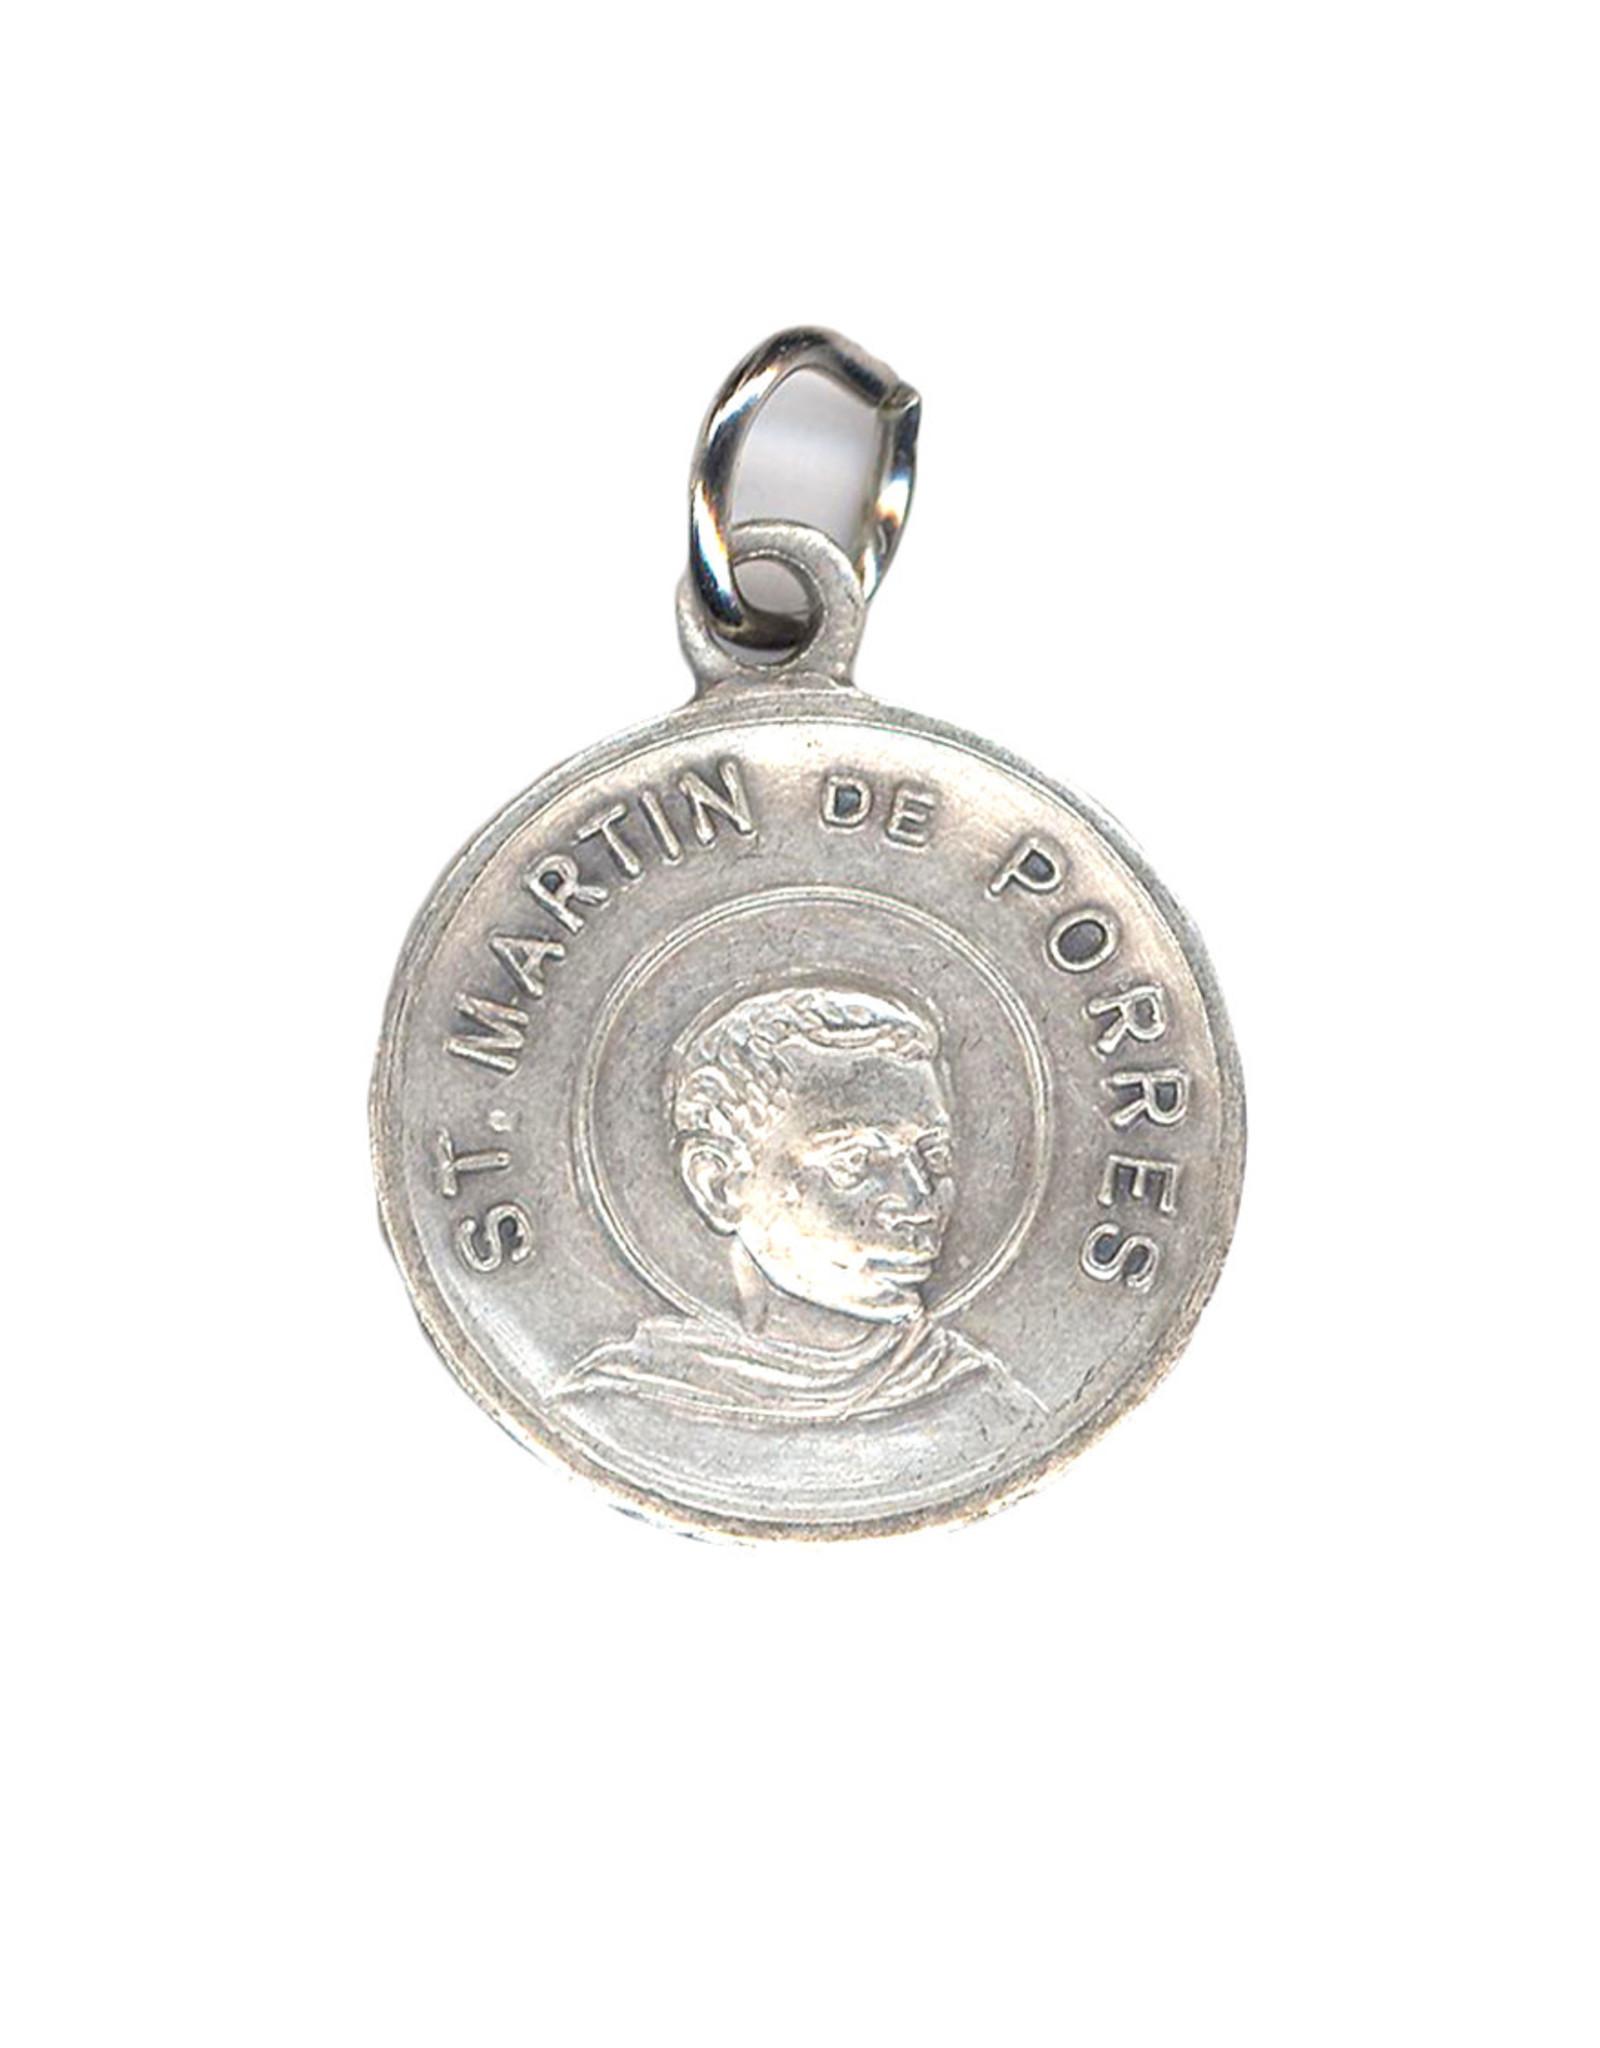 Relic medal Saint Martin de Porres